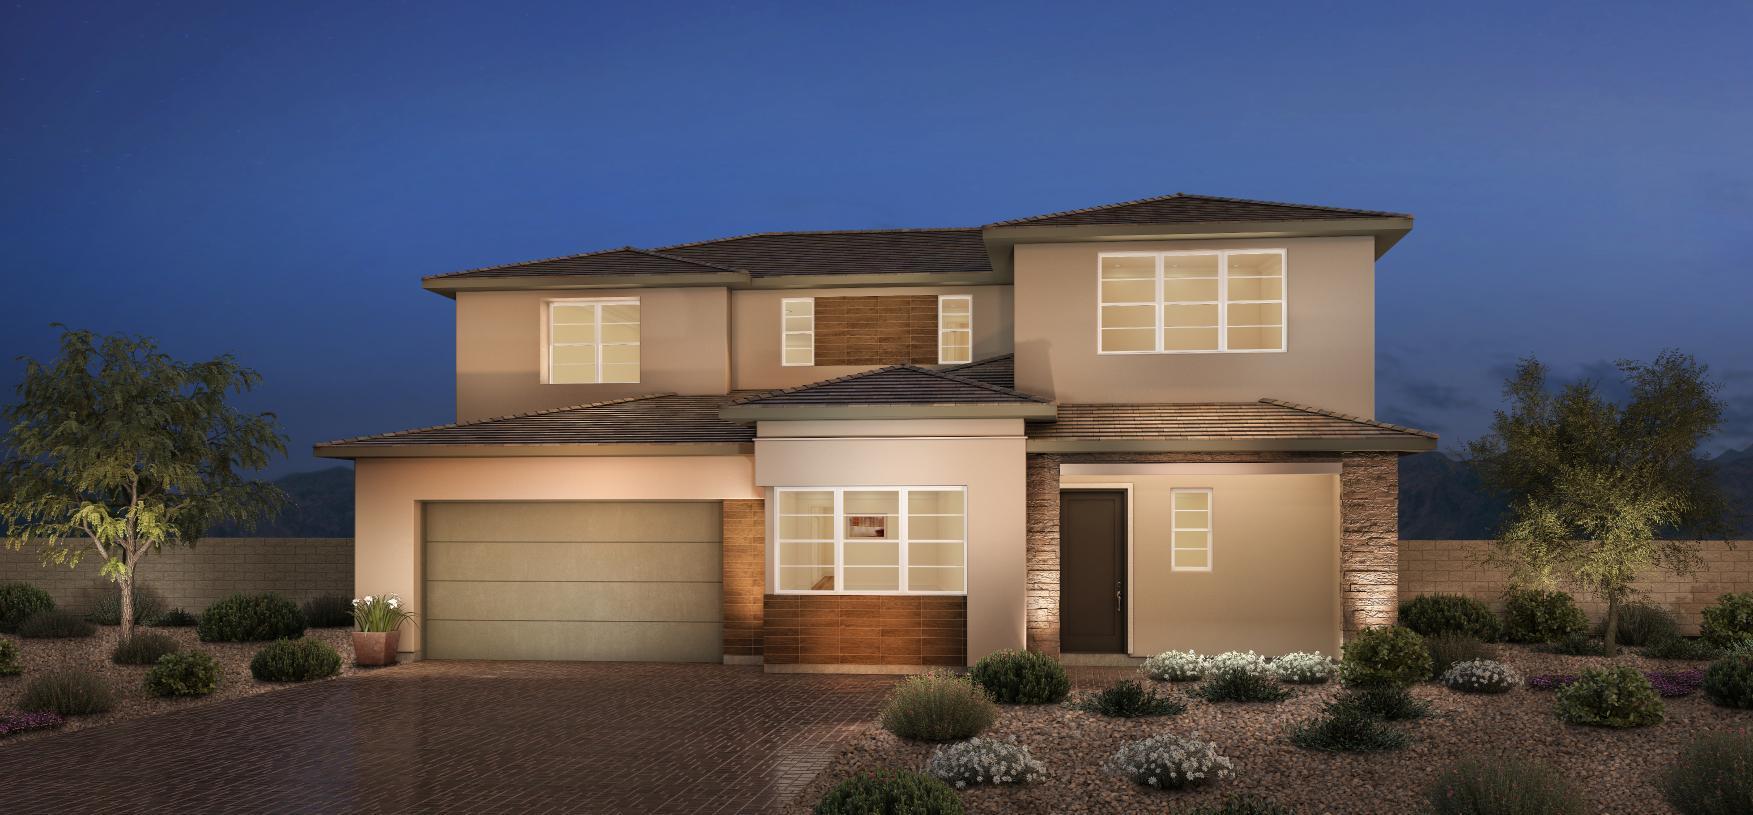 Elevation Image:Modern Craftsman